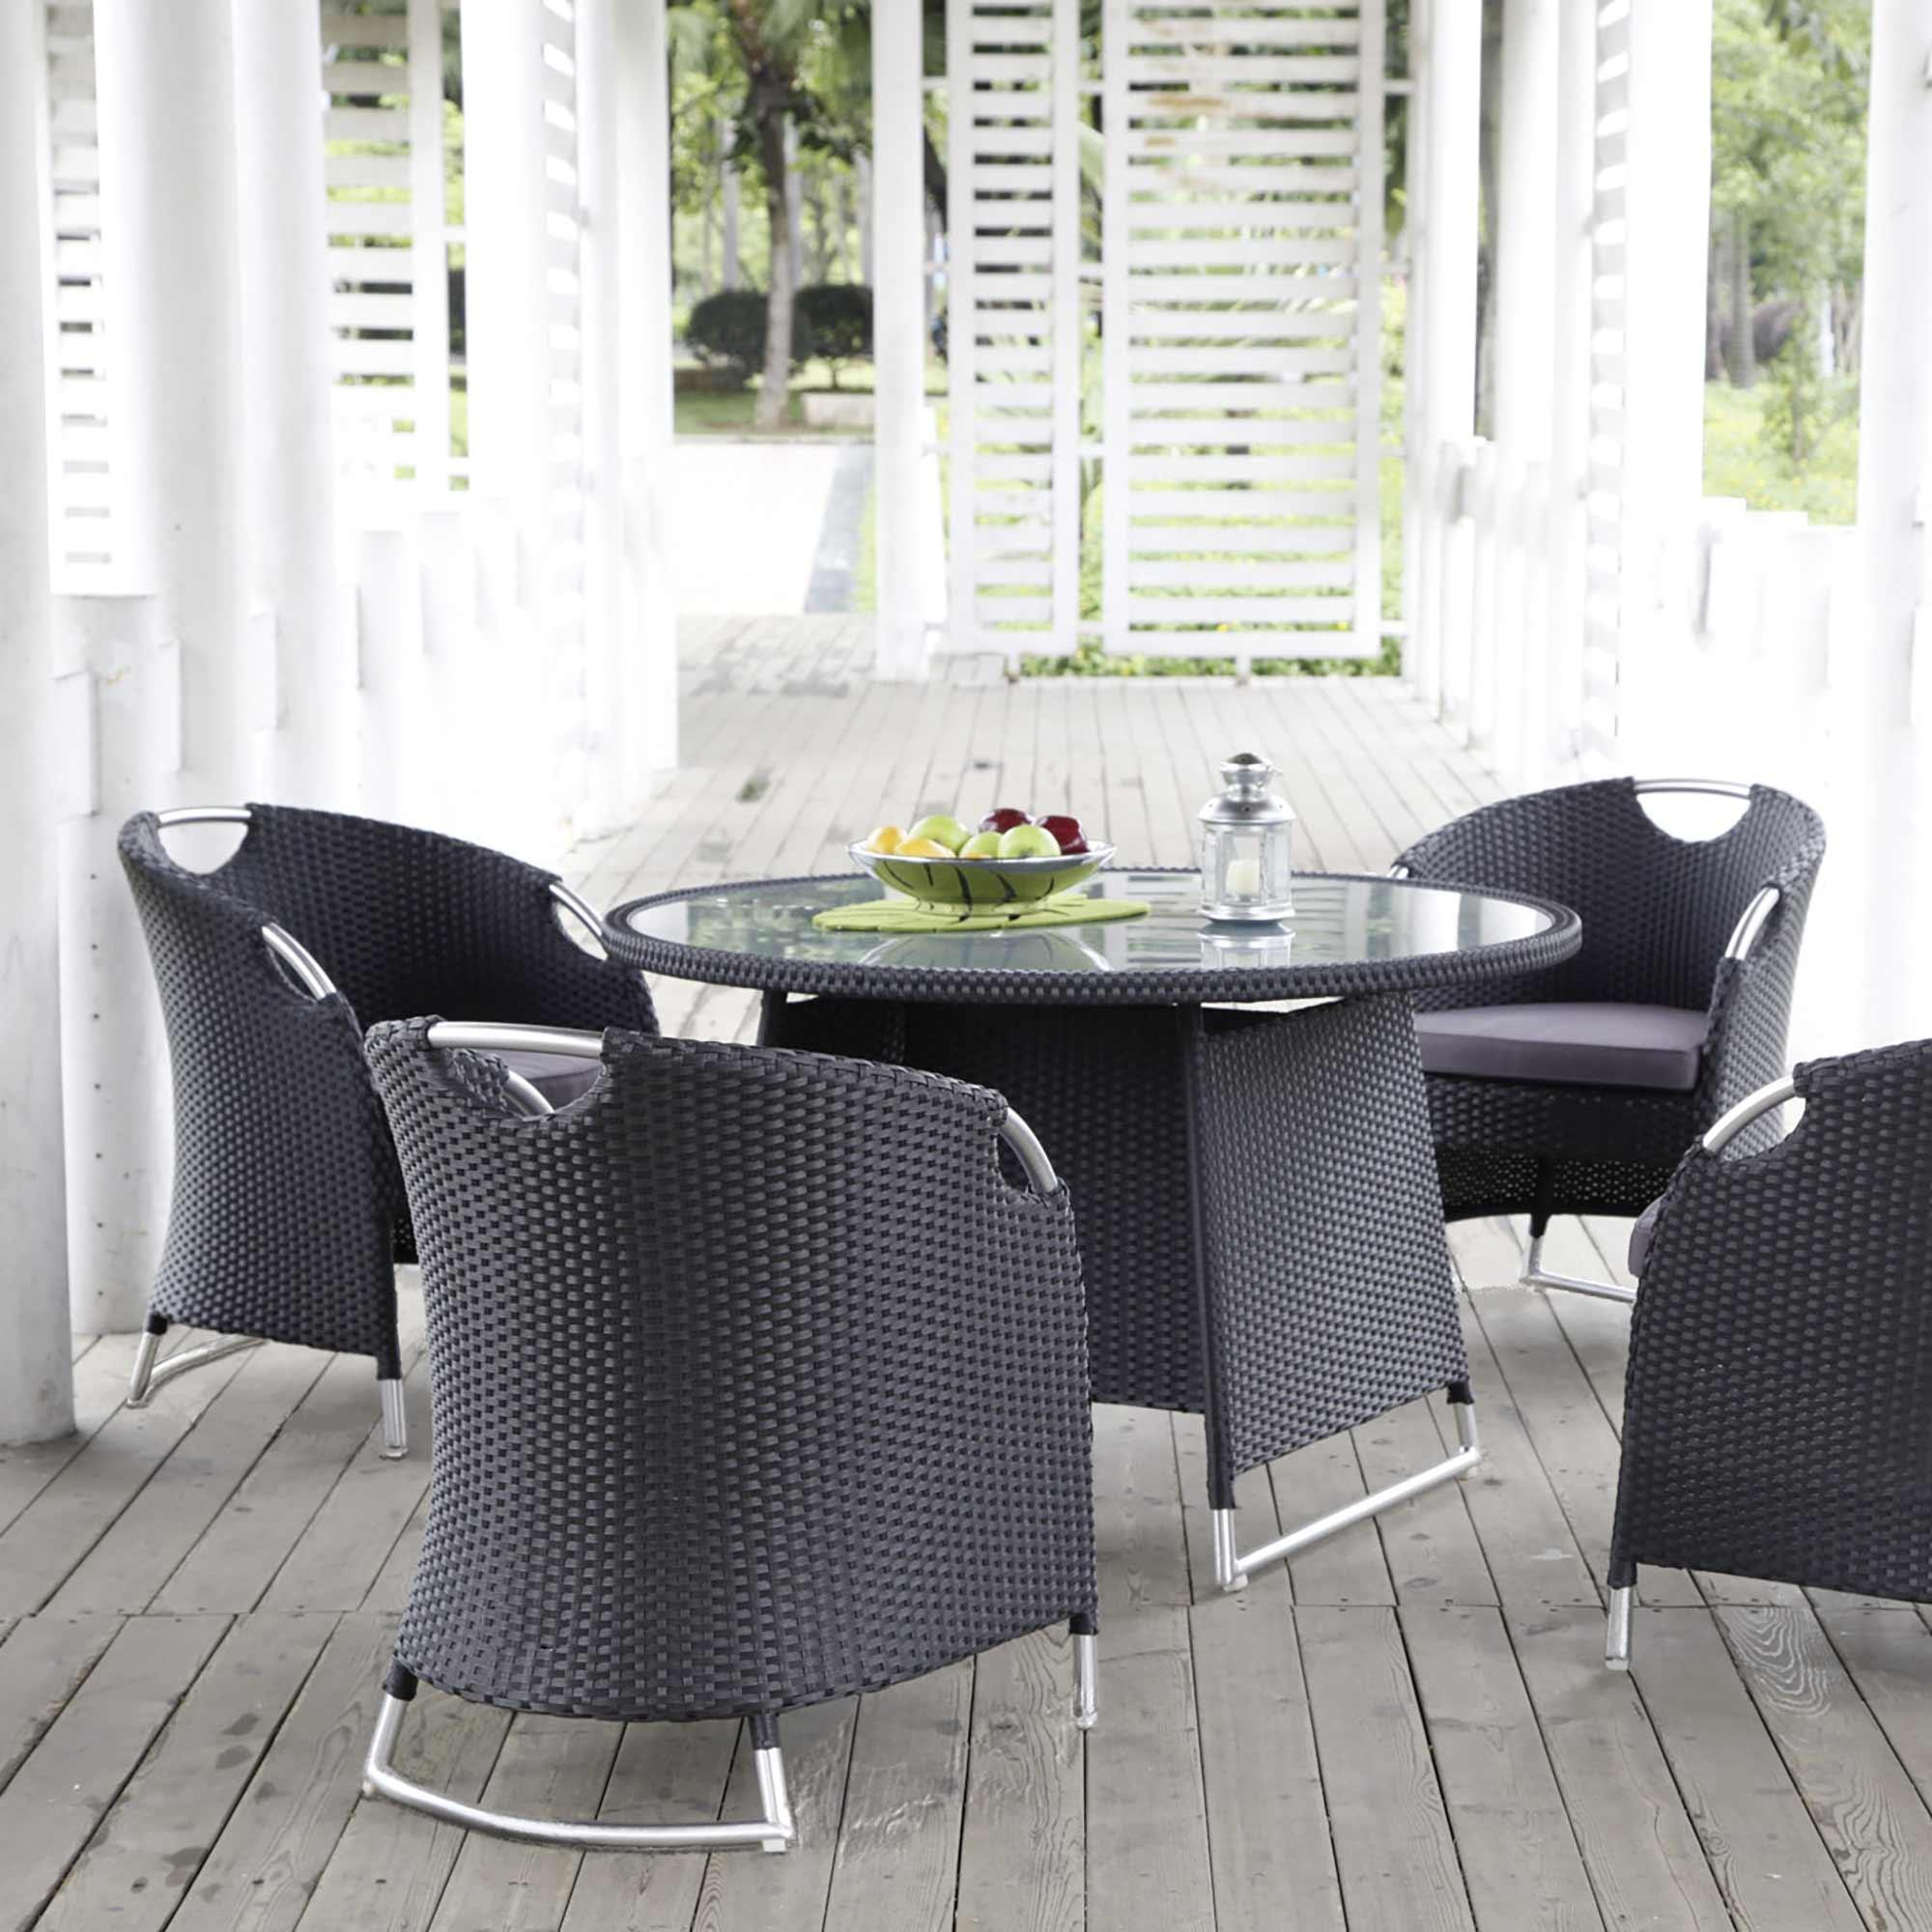 Moderne Gartenmöbel auf Terrasse | Holzland Verbeek